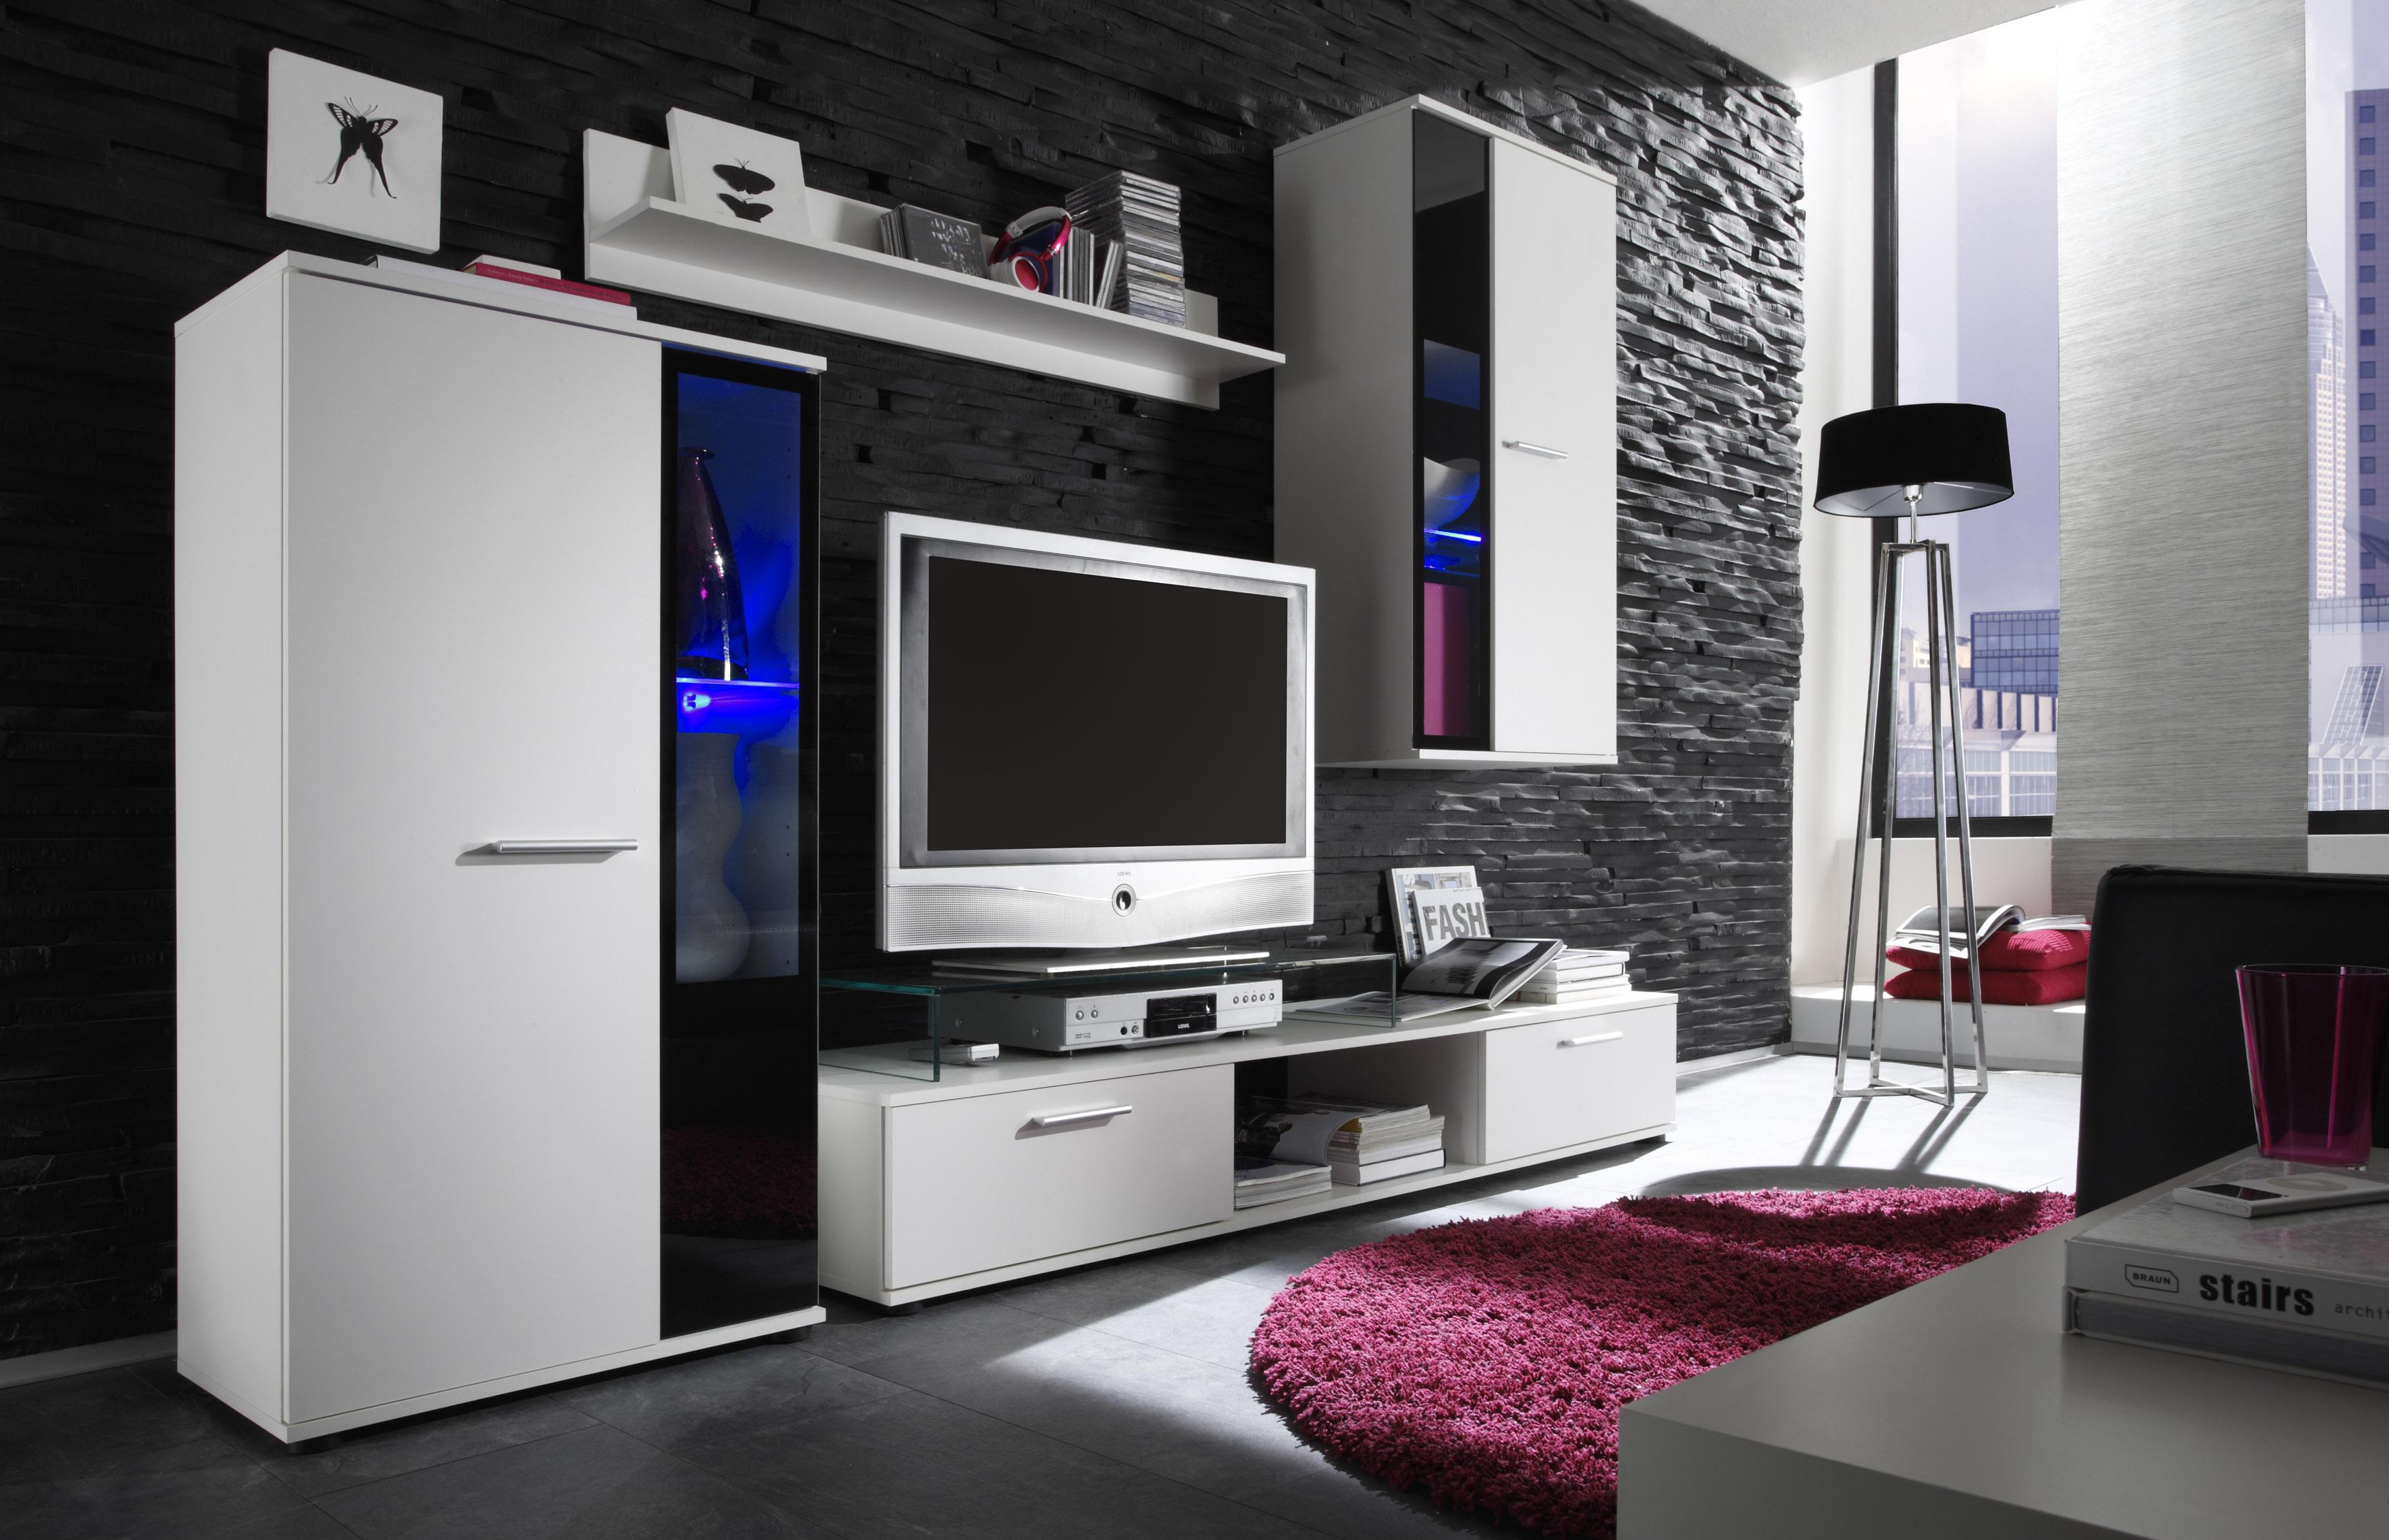 wohnwand mit beleuchtung schwarz weiss. Black Bedroom Furniture Sets. Home Design Ideas